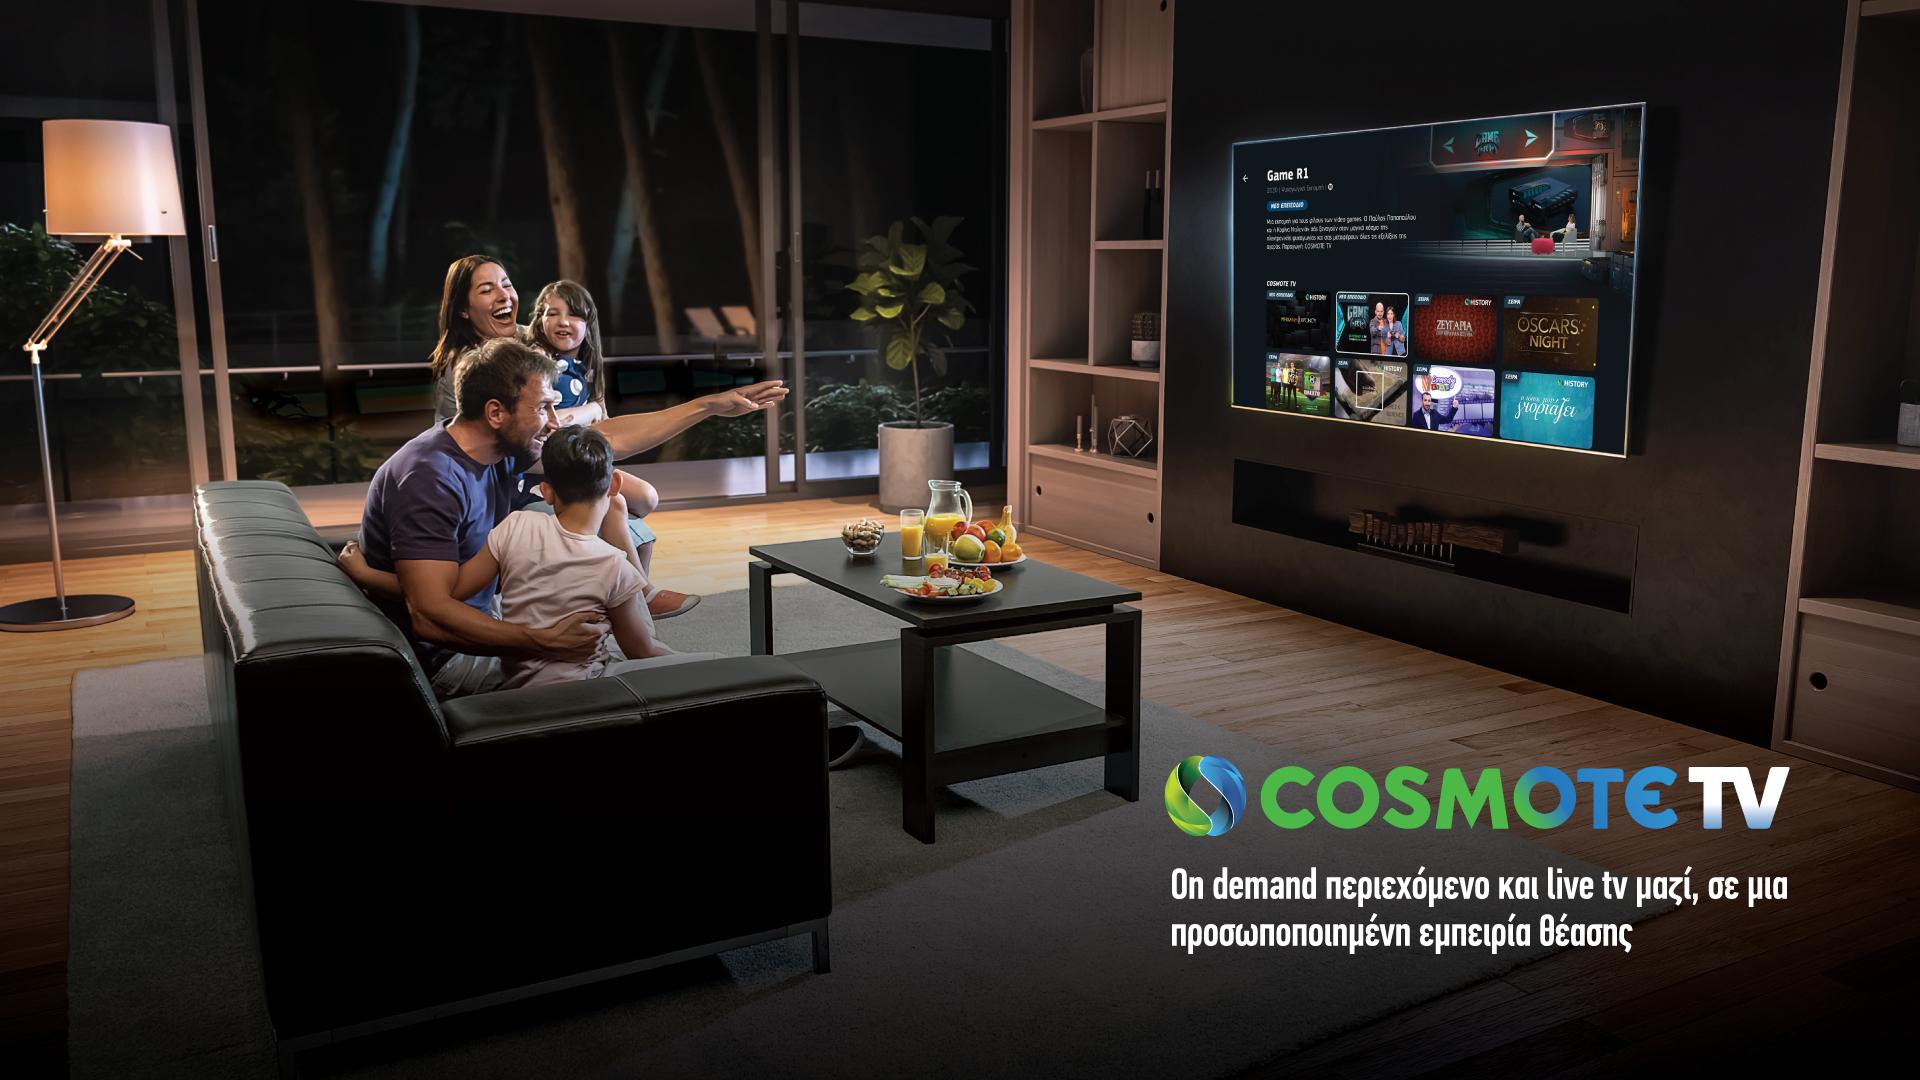 Επί ένα χρόνο «έπαιζε» με τους «πειρατές» η κυβέρνηση, επιβαρύνοντας Cosmote TV και Nova!